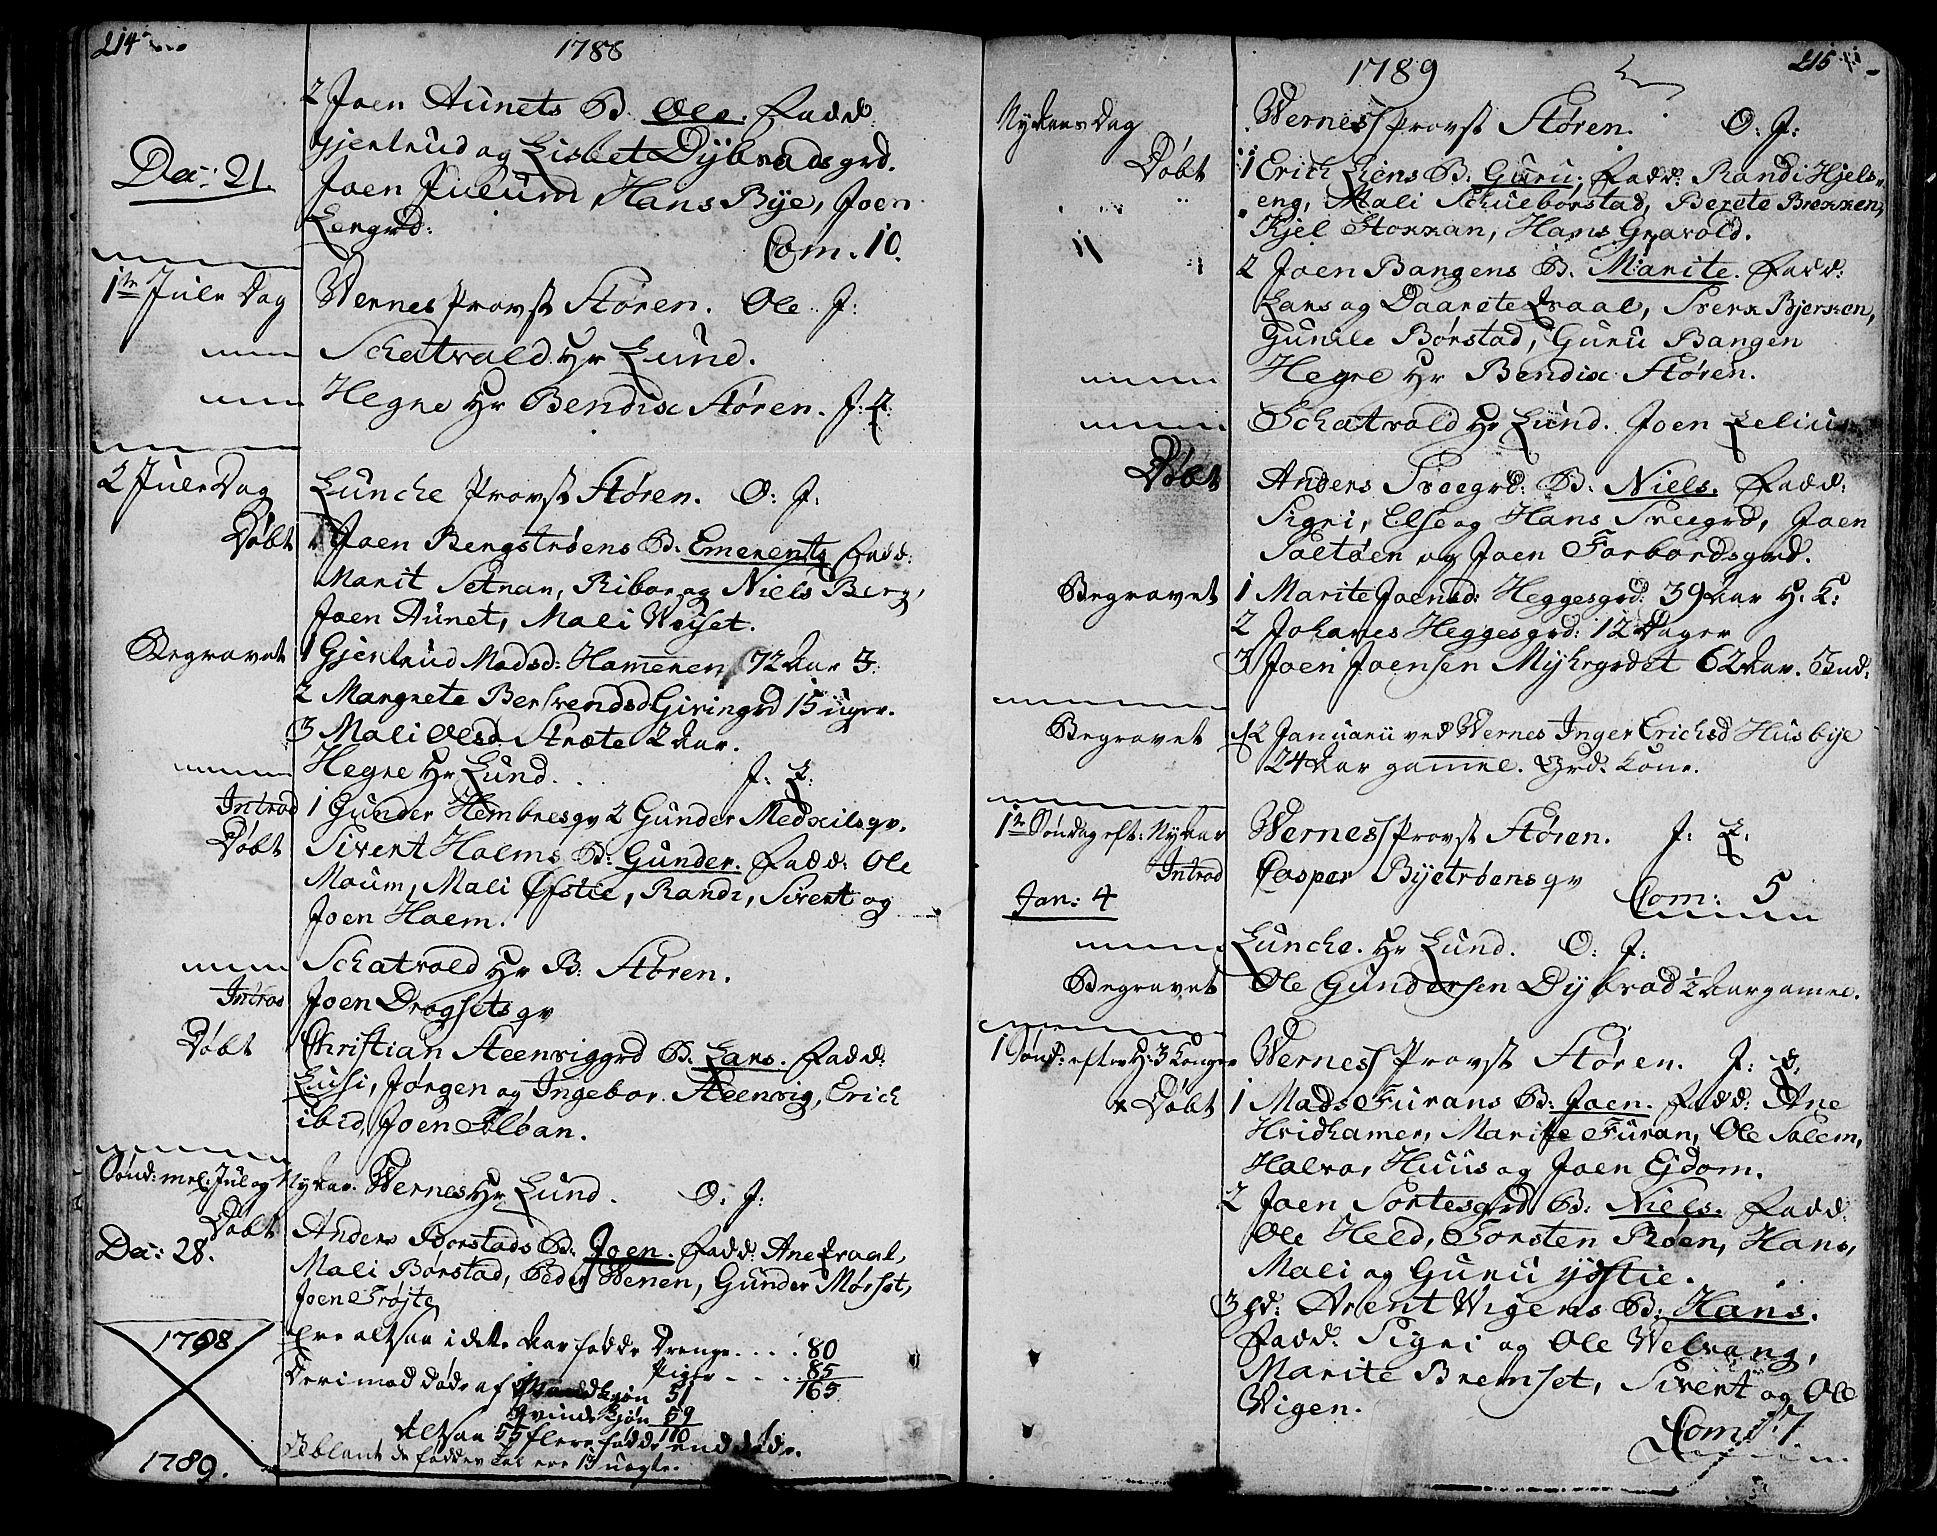 SAT, Ministerialprotokoller, klokkerbøker og fødselsregistre - Nord-Trøndelag, 709/L0059: Ministerialbok nr. 709A06, 1781-1797, s. 214-215